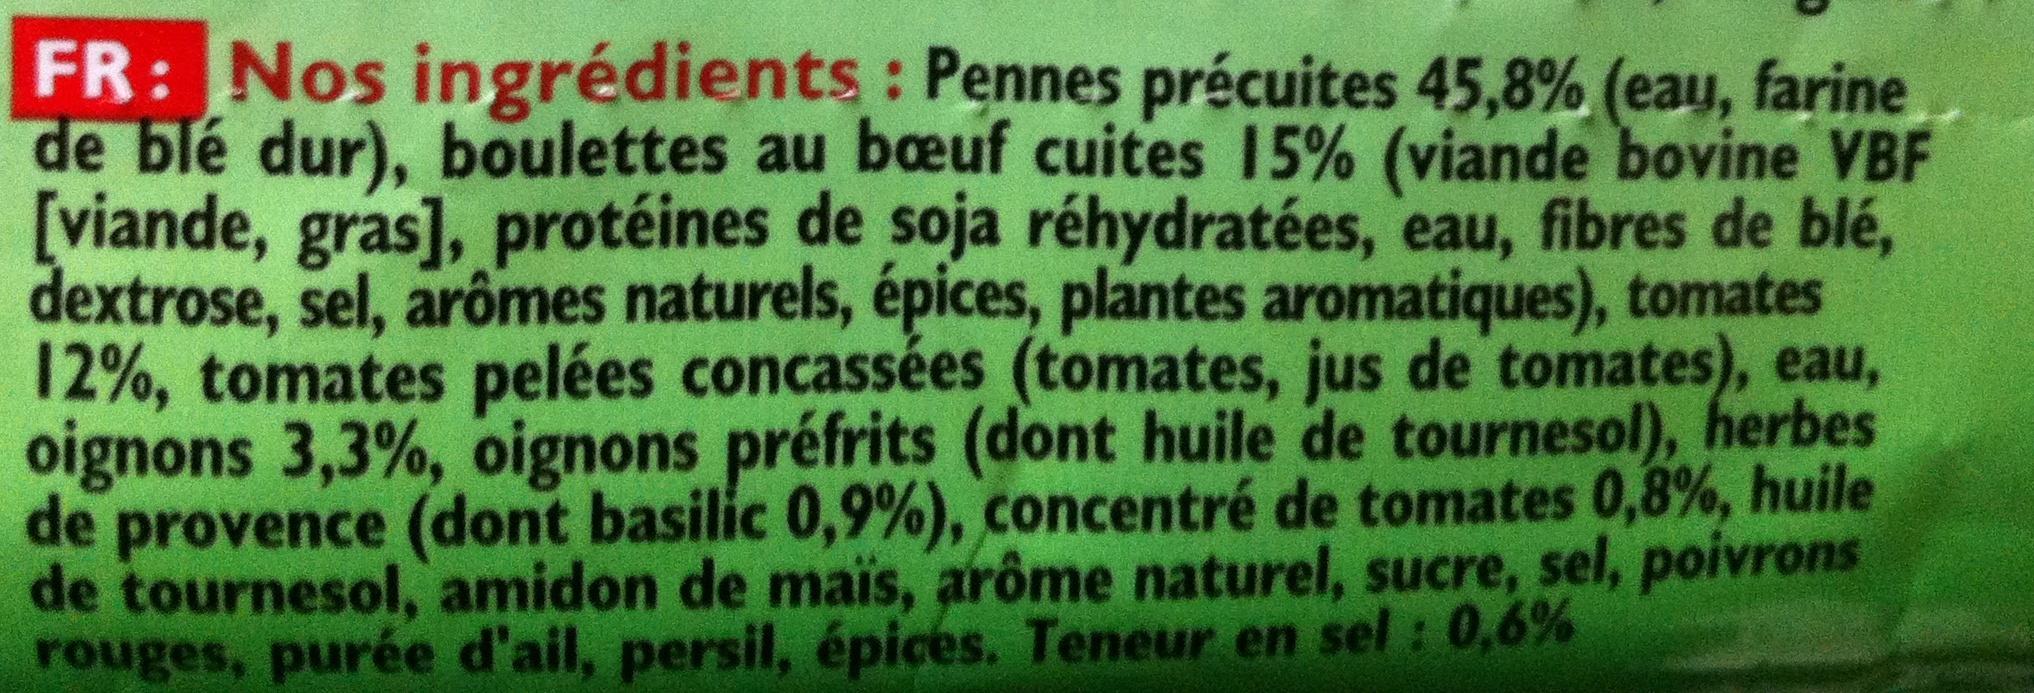 Pennes et Boulettes à la Bolognaise, Surgelés - Inhaltsstoffe - fr